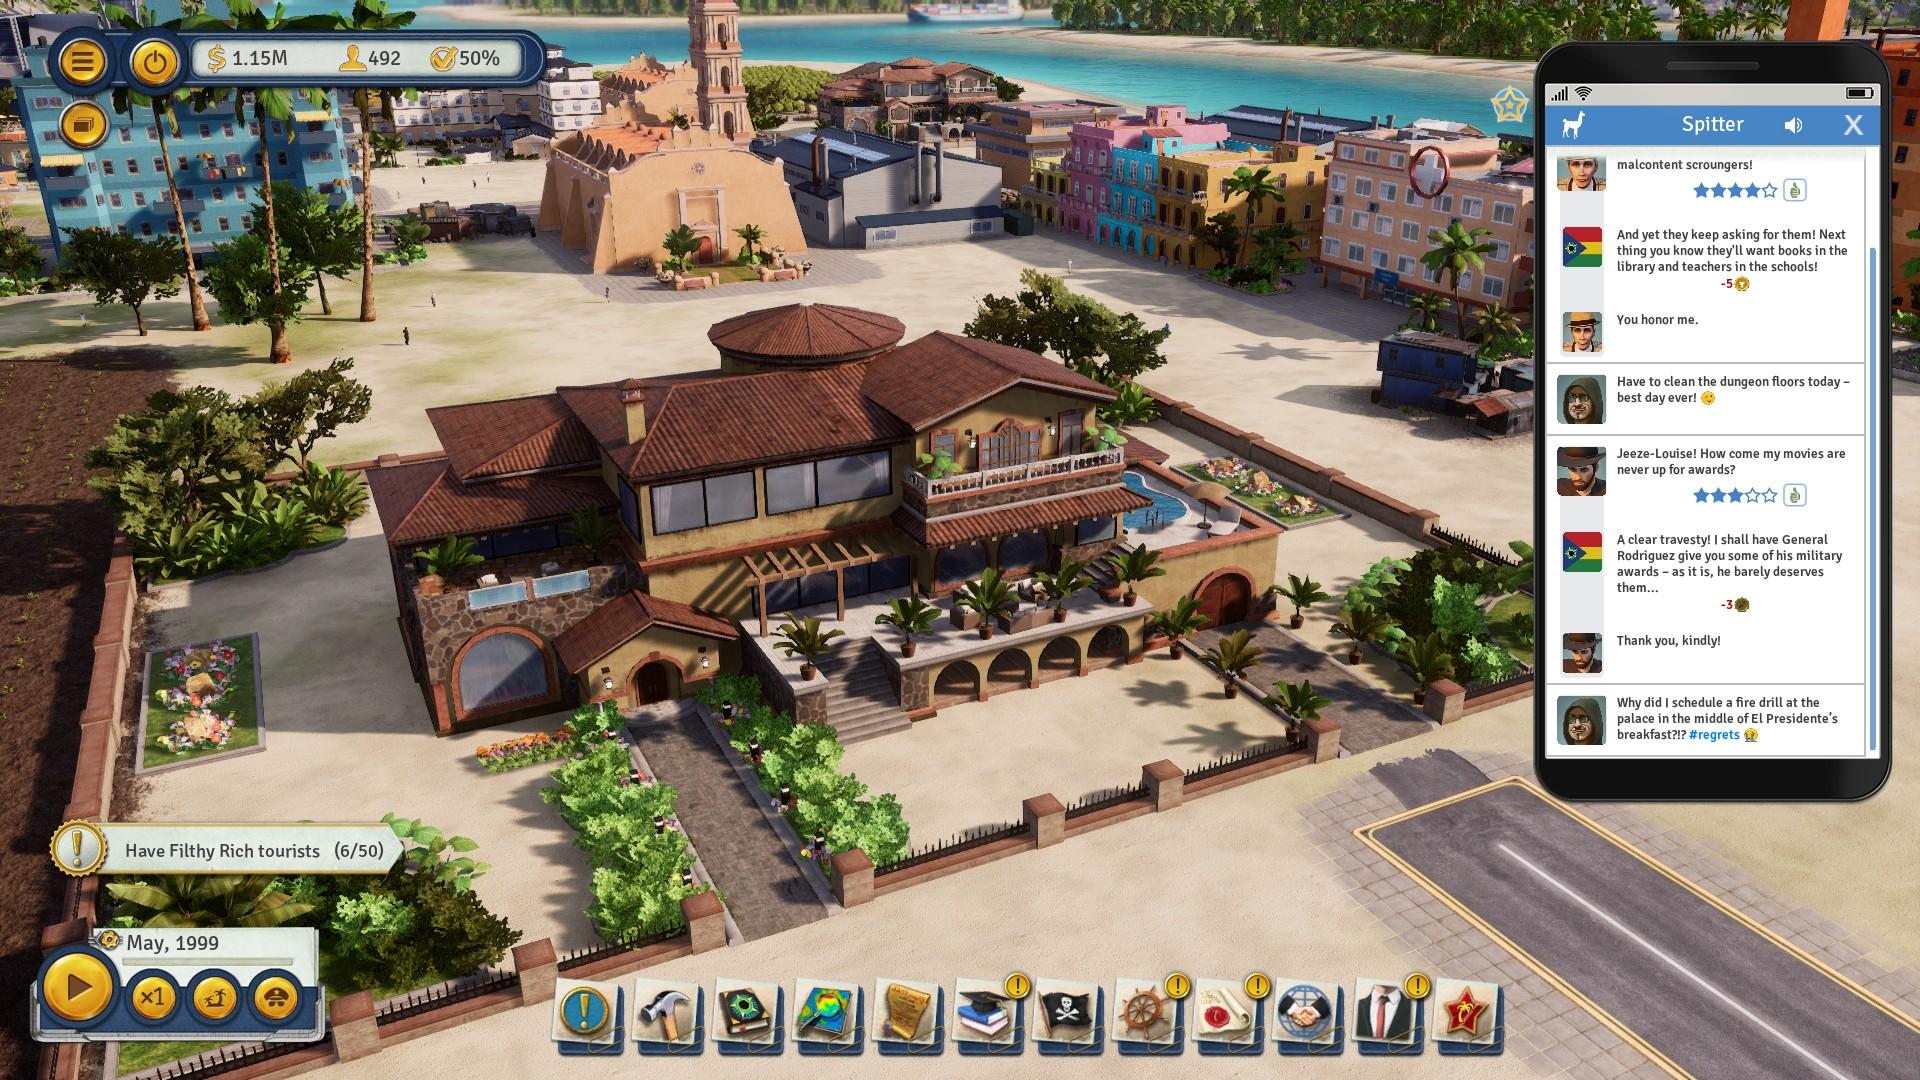 Доминировать в социальных сетях в Tropico 6 с новым Spitter Dlc (2)